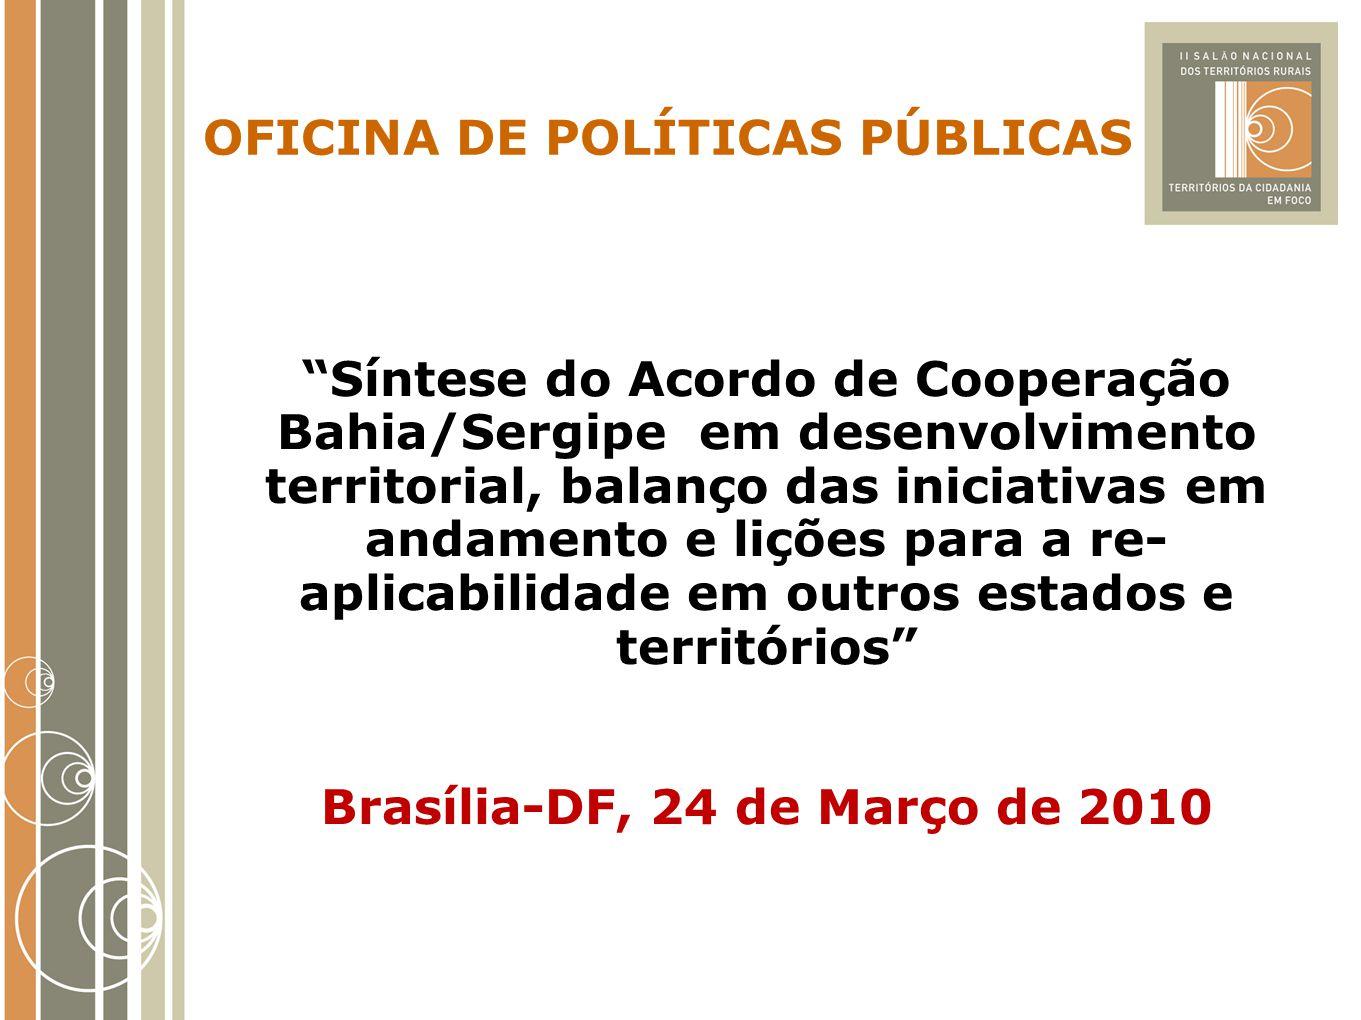 Brasília-DF, 24 de Março de 2010